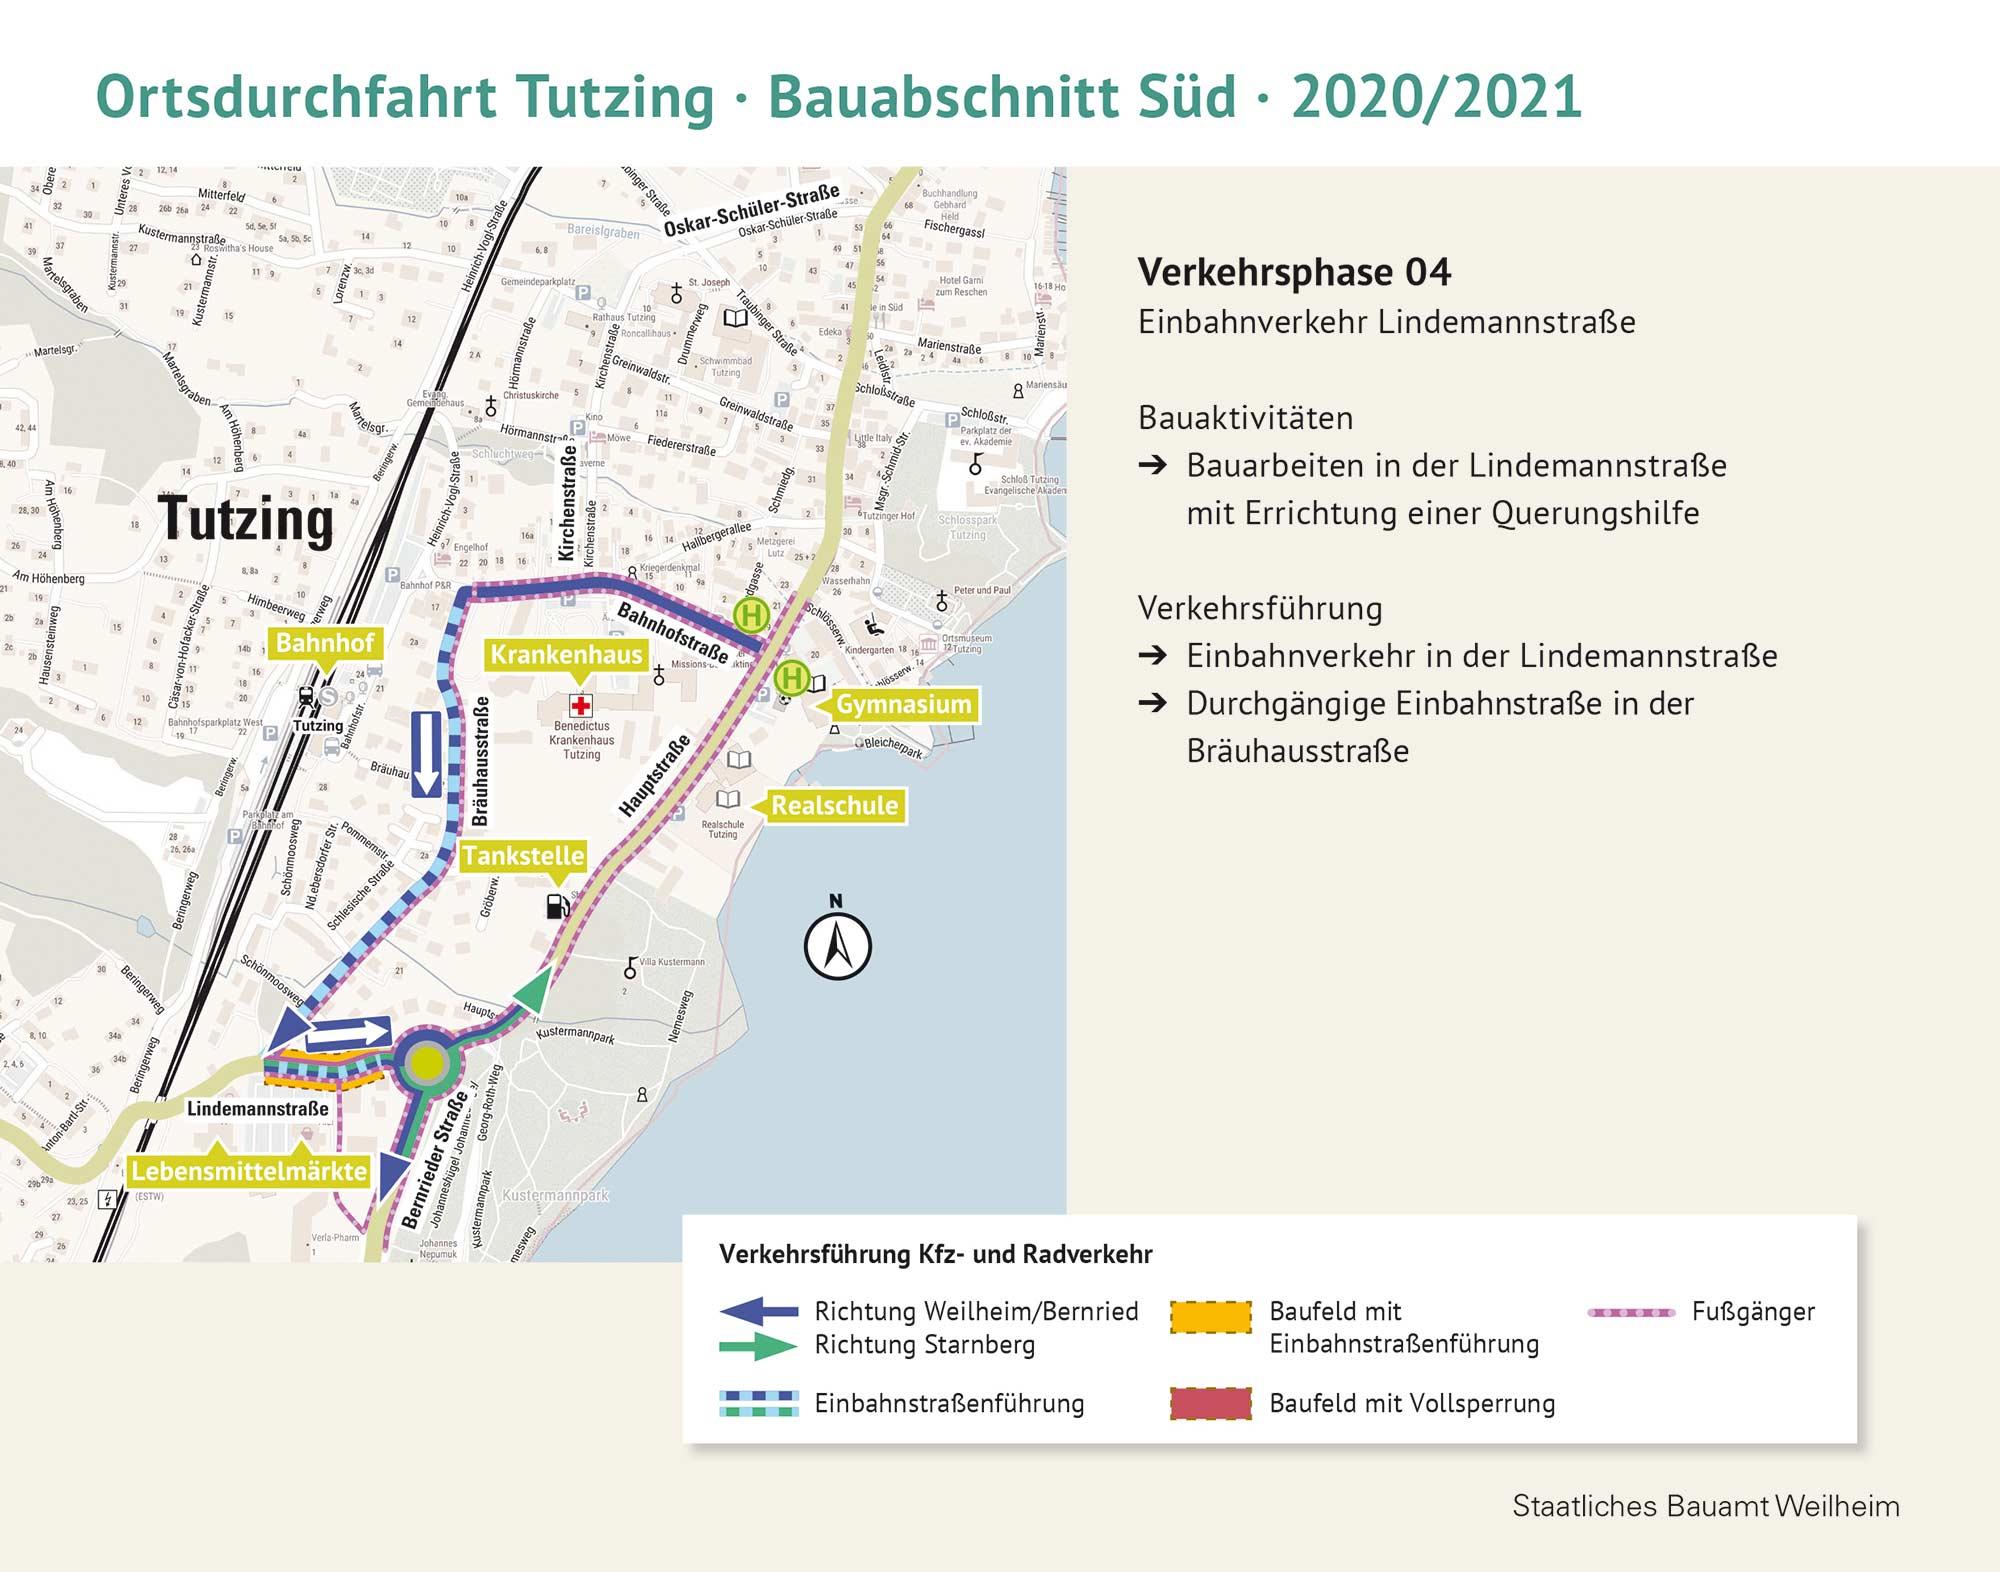 Bauabschnitt-Sued-Verkehrsphase-4